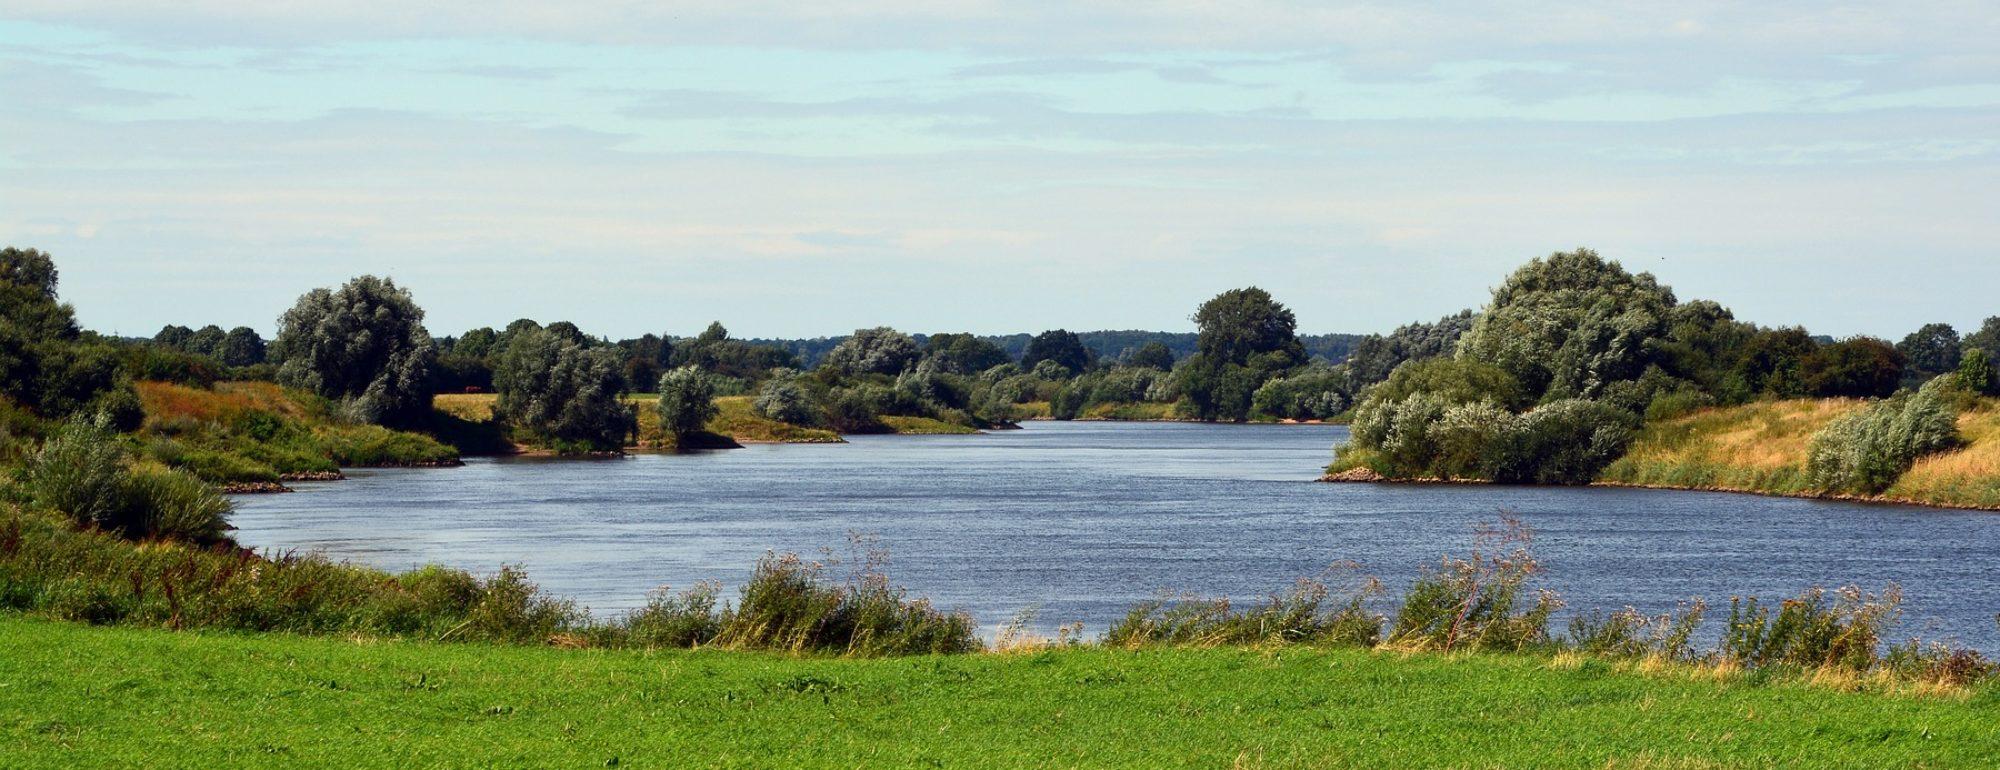 Der Salzblog - Die EU-Wasserrahmenrichtlinie wird unterlaufen